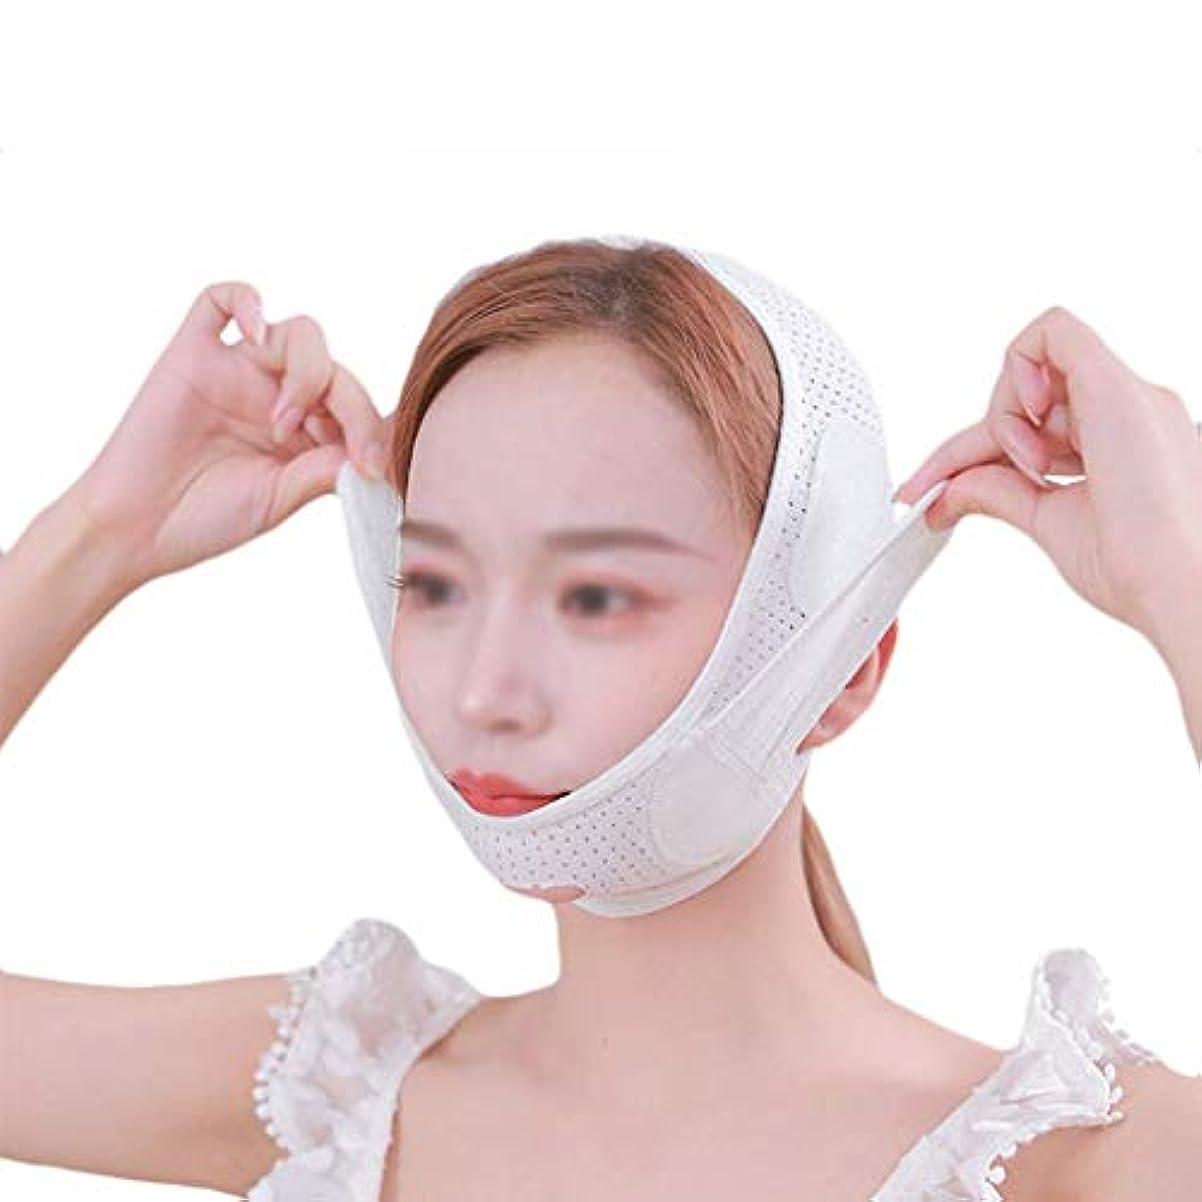 薬剤師スリッパピンポイントフェイシャルリフティング包帯、頬スリミングマスク包帯、フェイスリフティングファーミングフェースリフティング、リフティングダブルチンフェイシャルマスク(ホワイト、フリーサイズ)